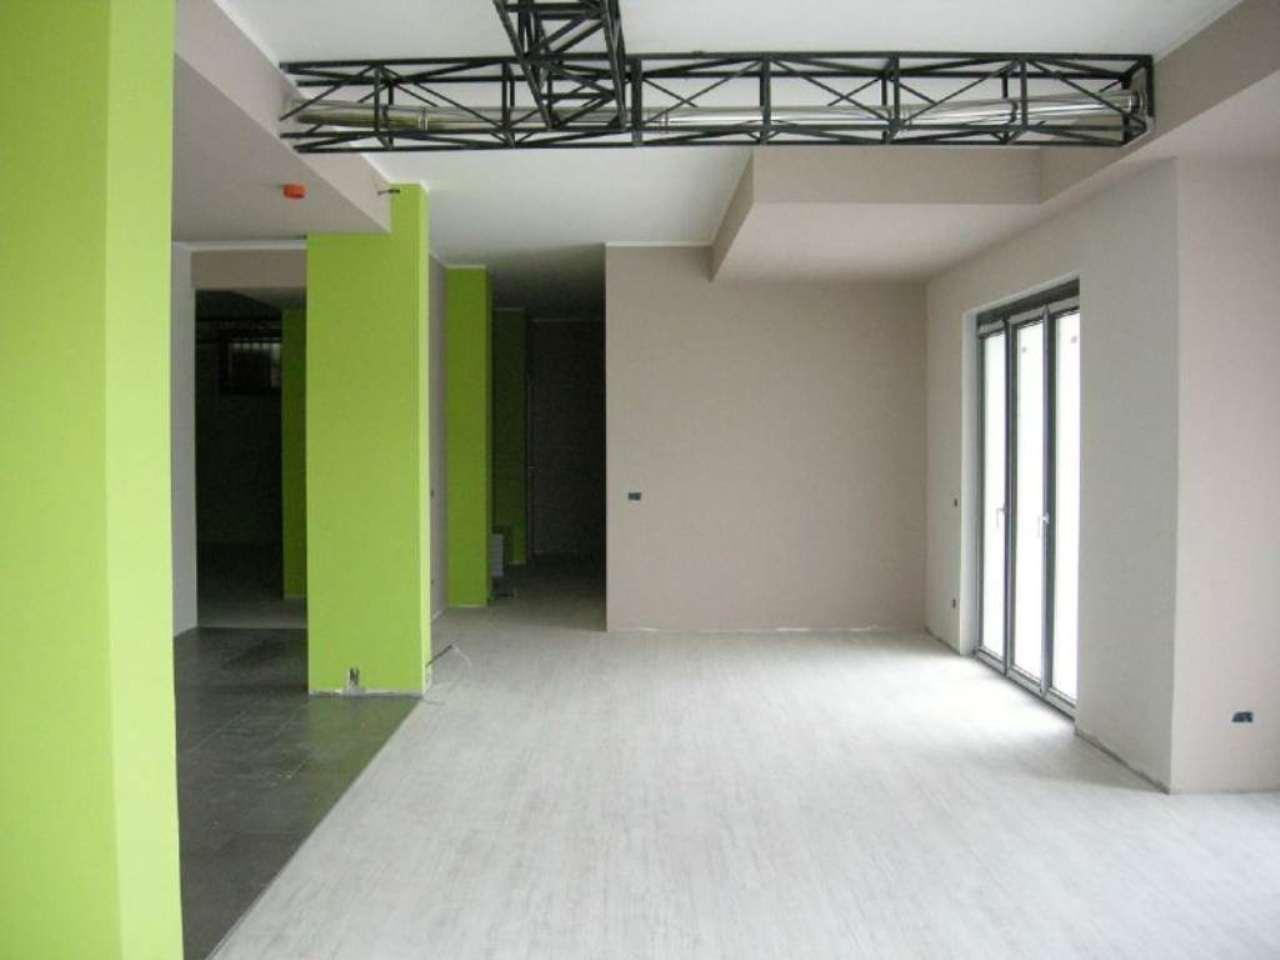 Laboratorio in affitto a Bussero, 9999 locali, prezzo € 1.500 | Cambio Casa.it